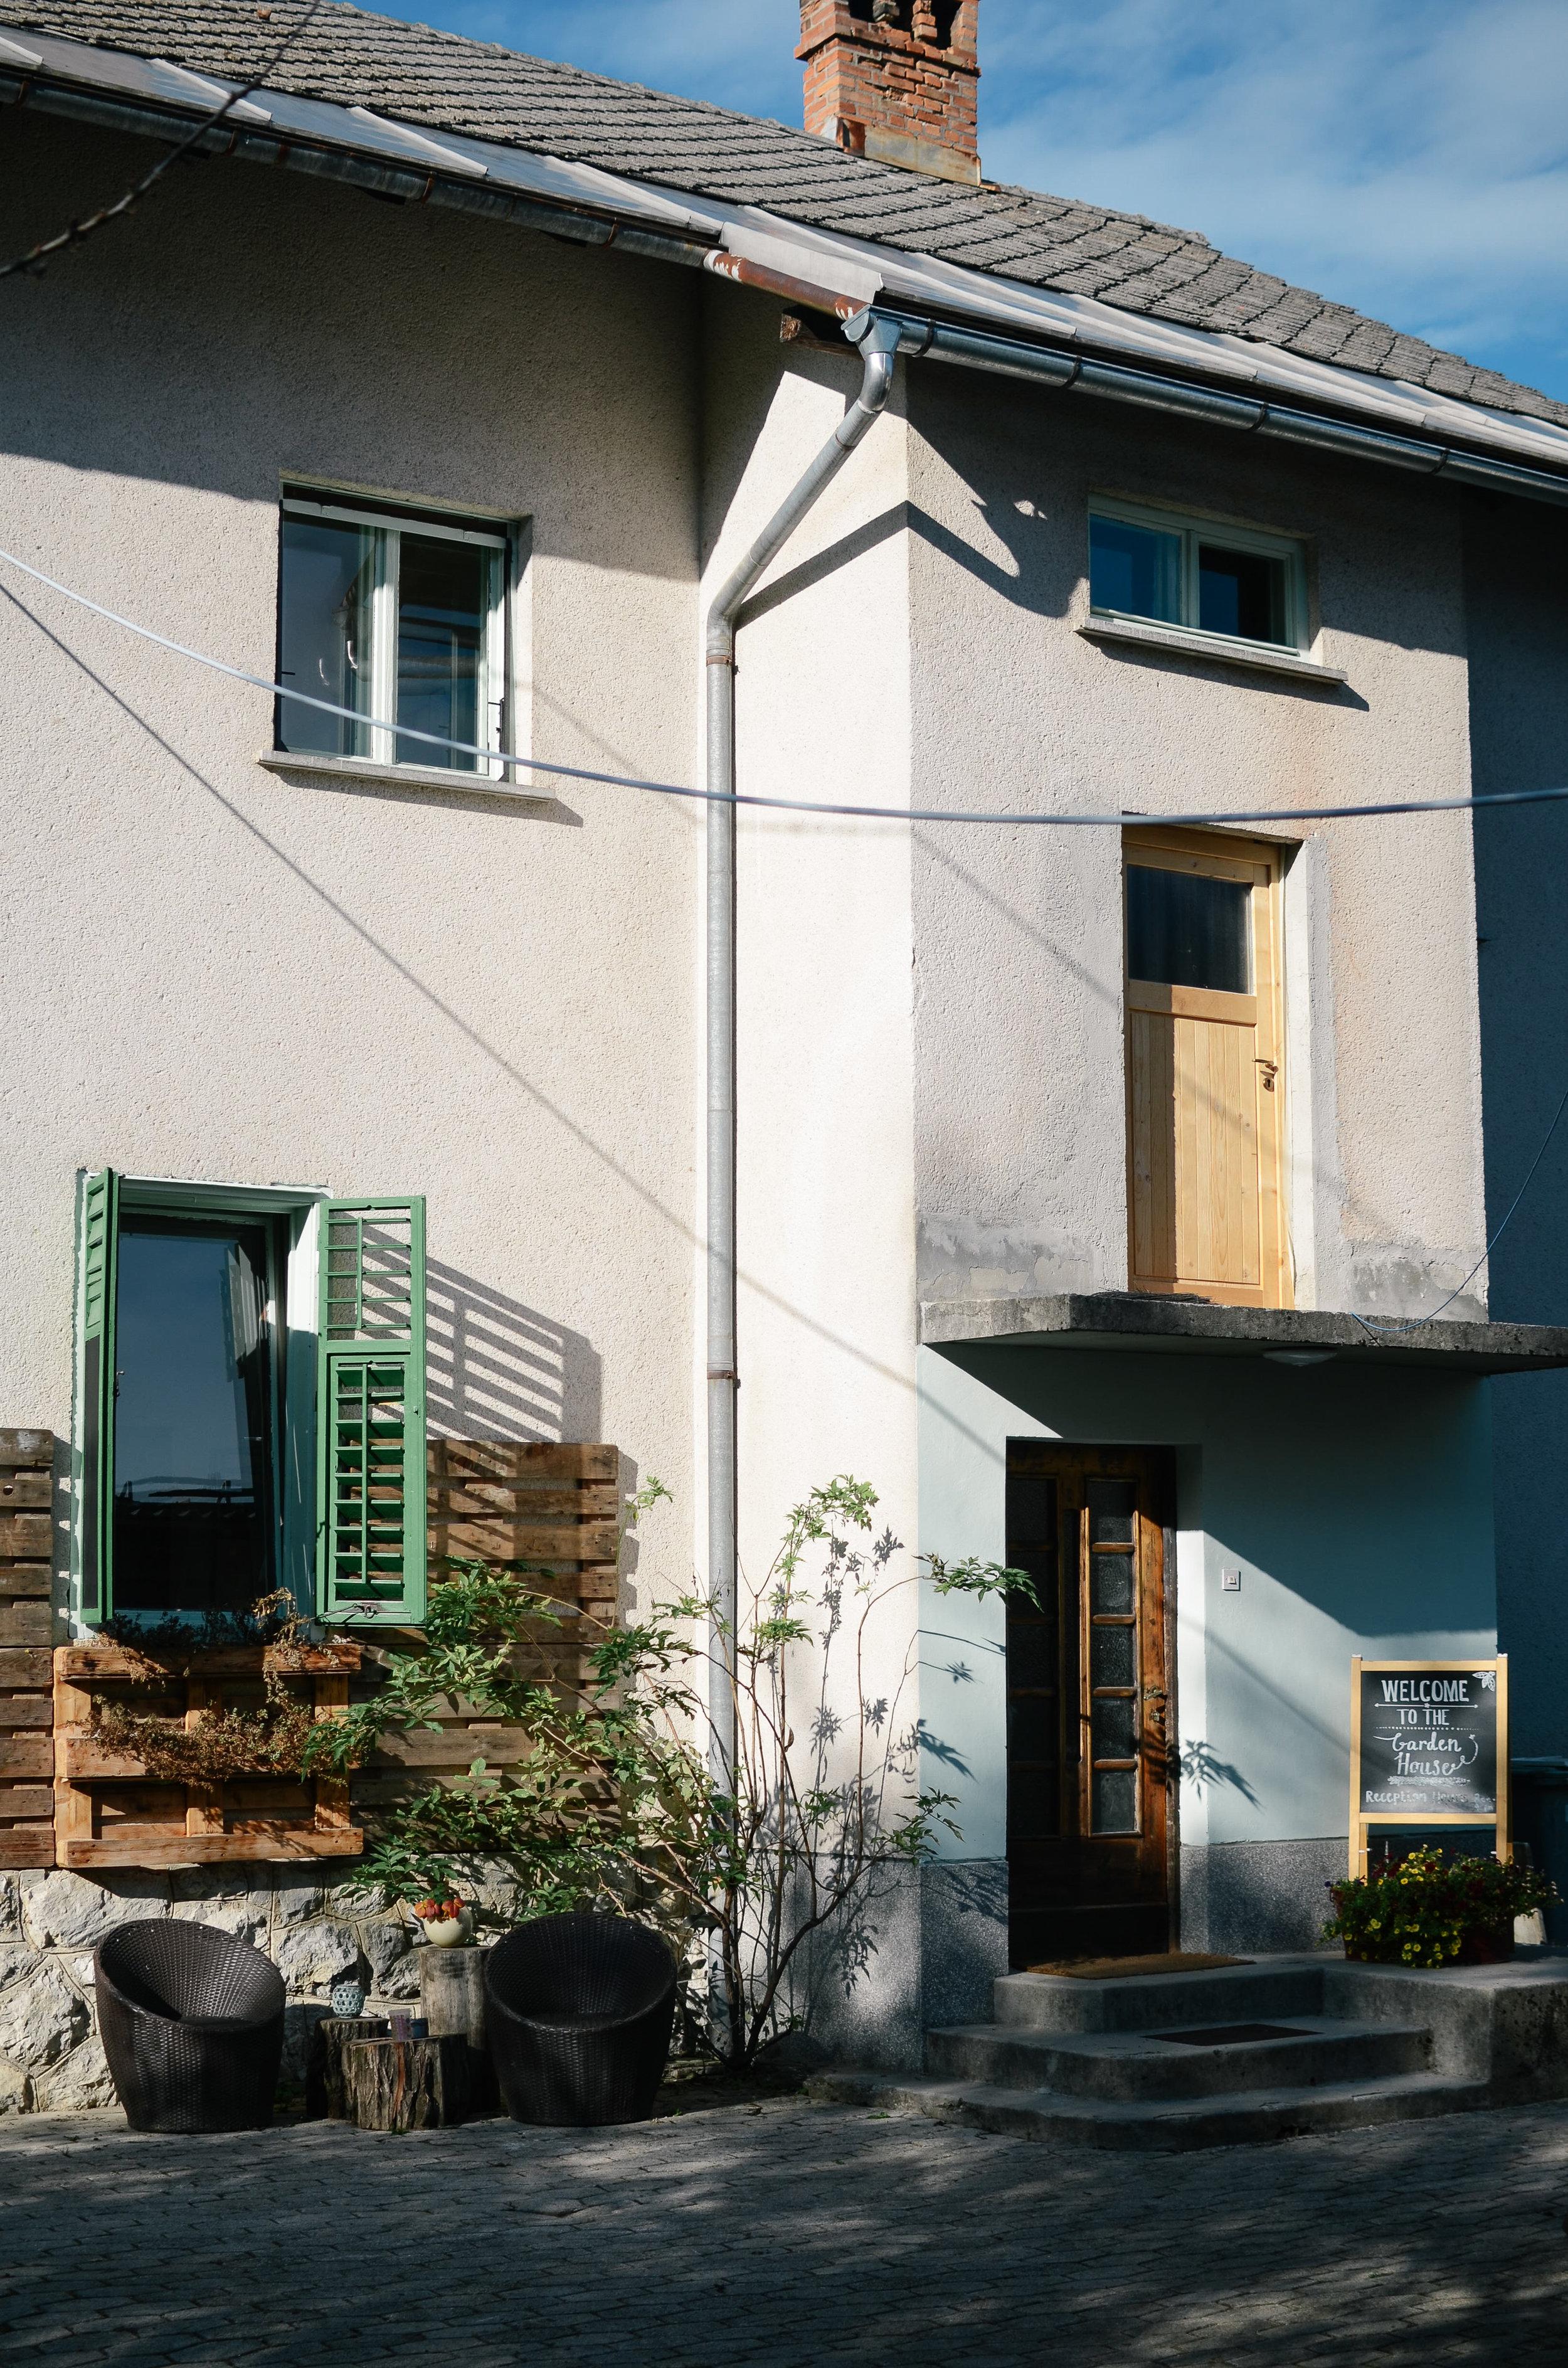 lake-bled-slovenia-travel-guide-lifeonpine_DSC_1145.jpg